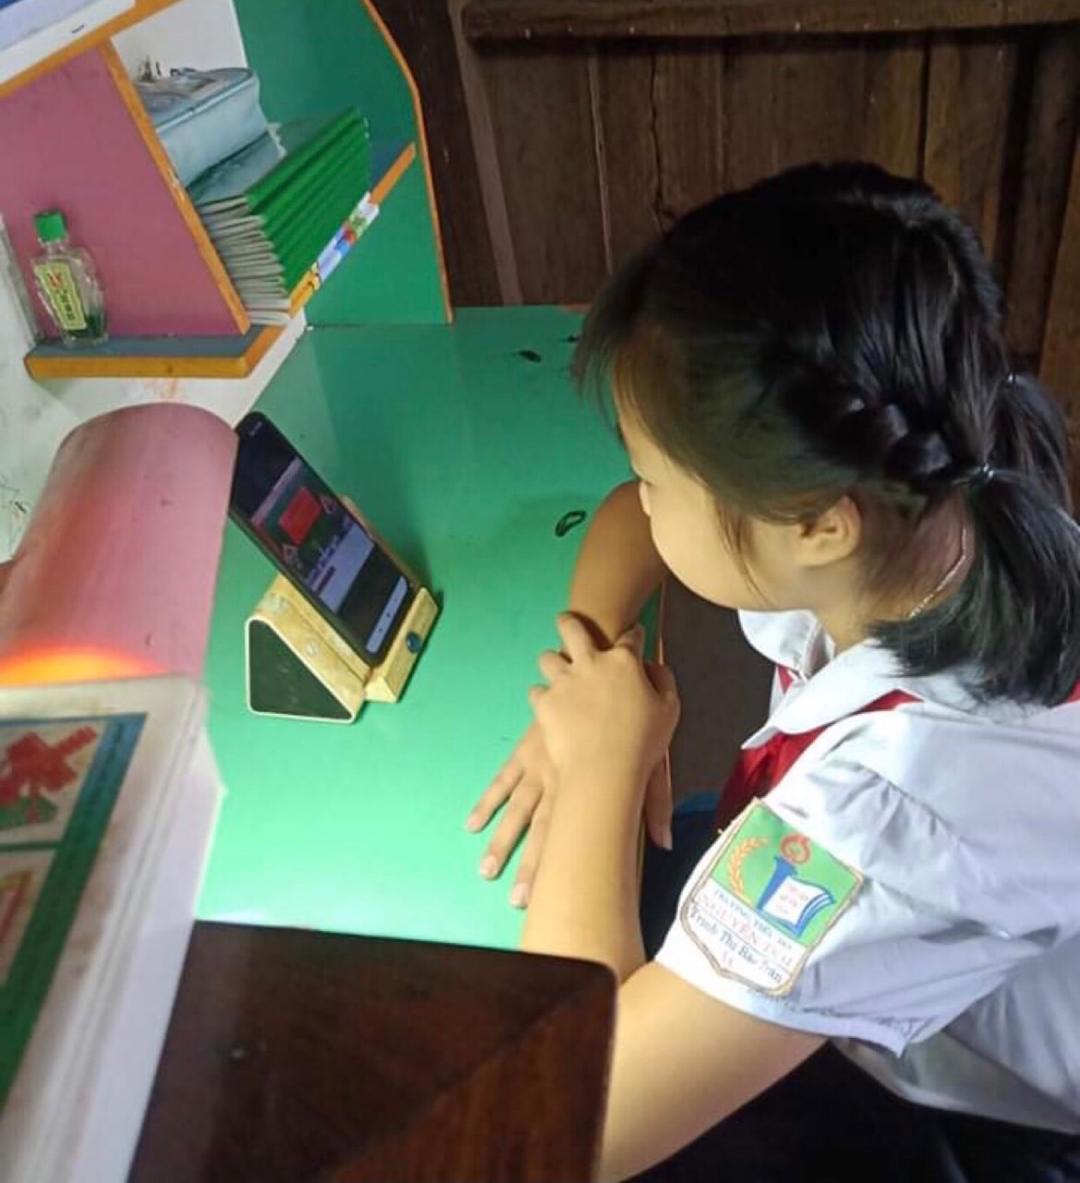 Em Trịnh  Thị Bảo Trân, học sinh lớp 4A, Trường Tiểu học Nguyễn Trãi (thị trấn Quảng Phú, huyện Cư Mgar). Ảnh Đ. Lan